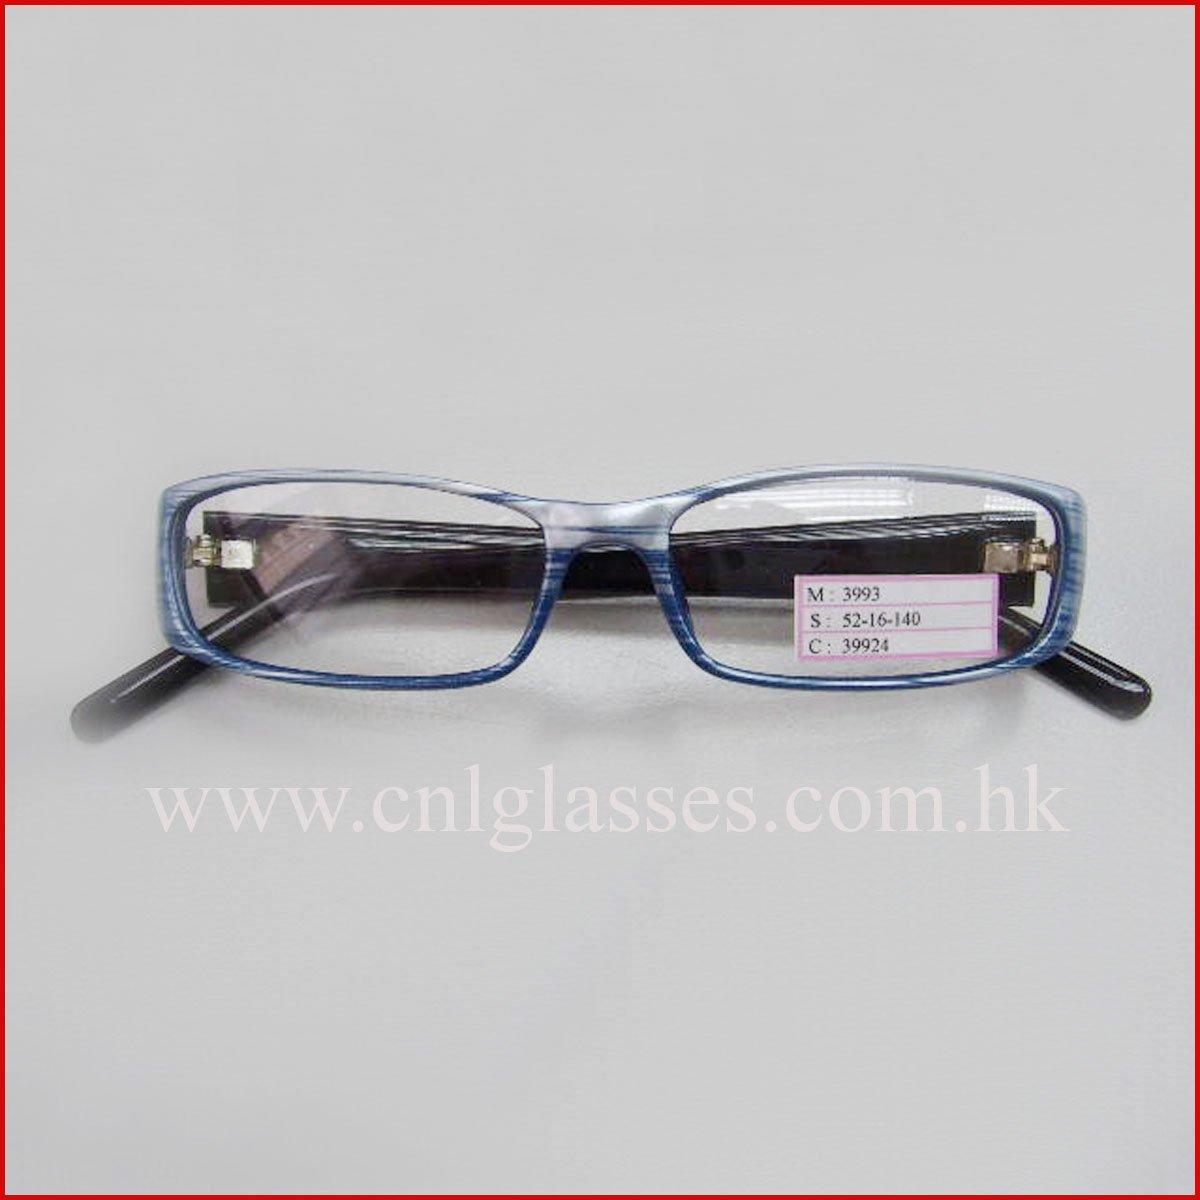 Half Frame Or Full Frame Glasses : Full Frame Reading Glasses,Half Frame Reading Glasses ...